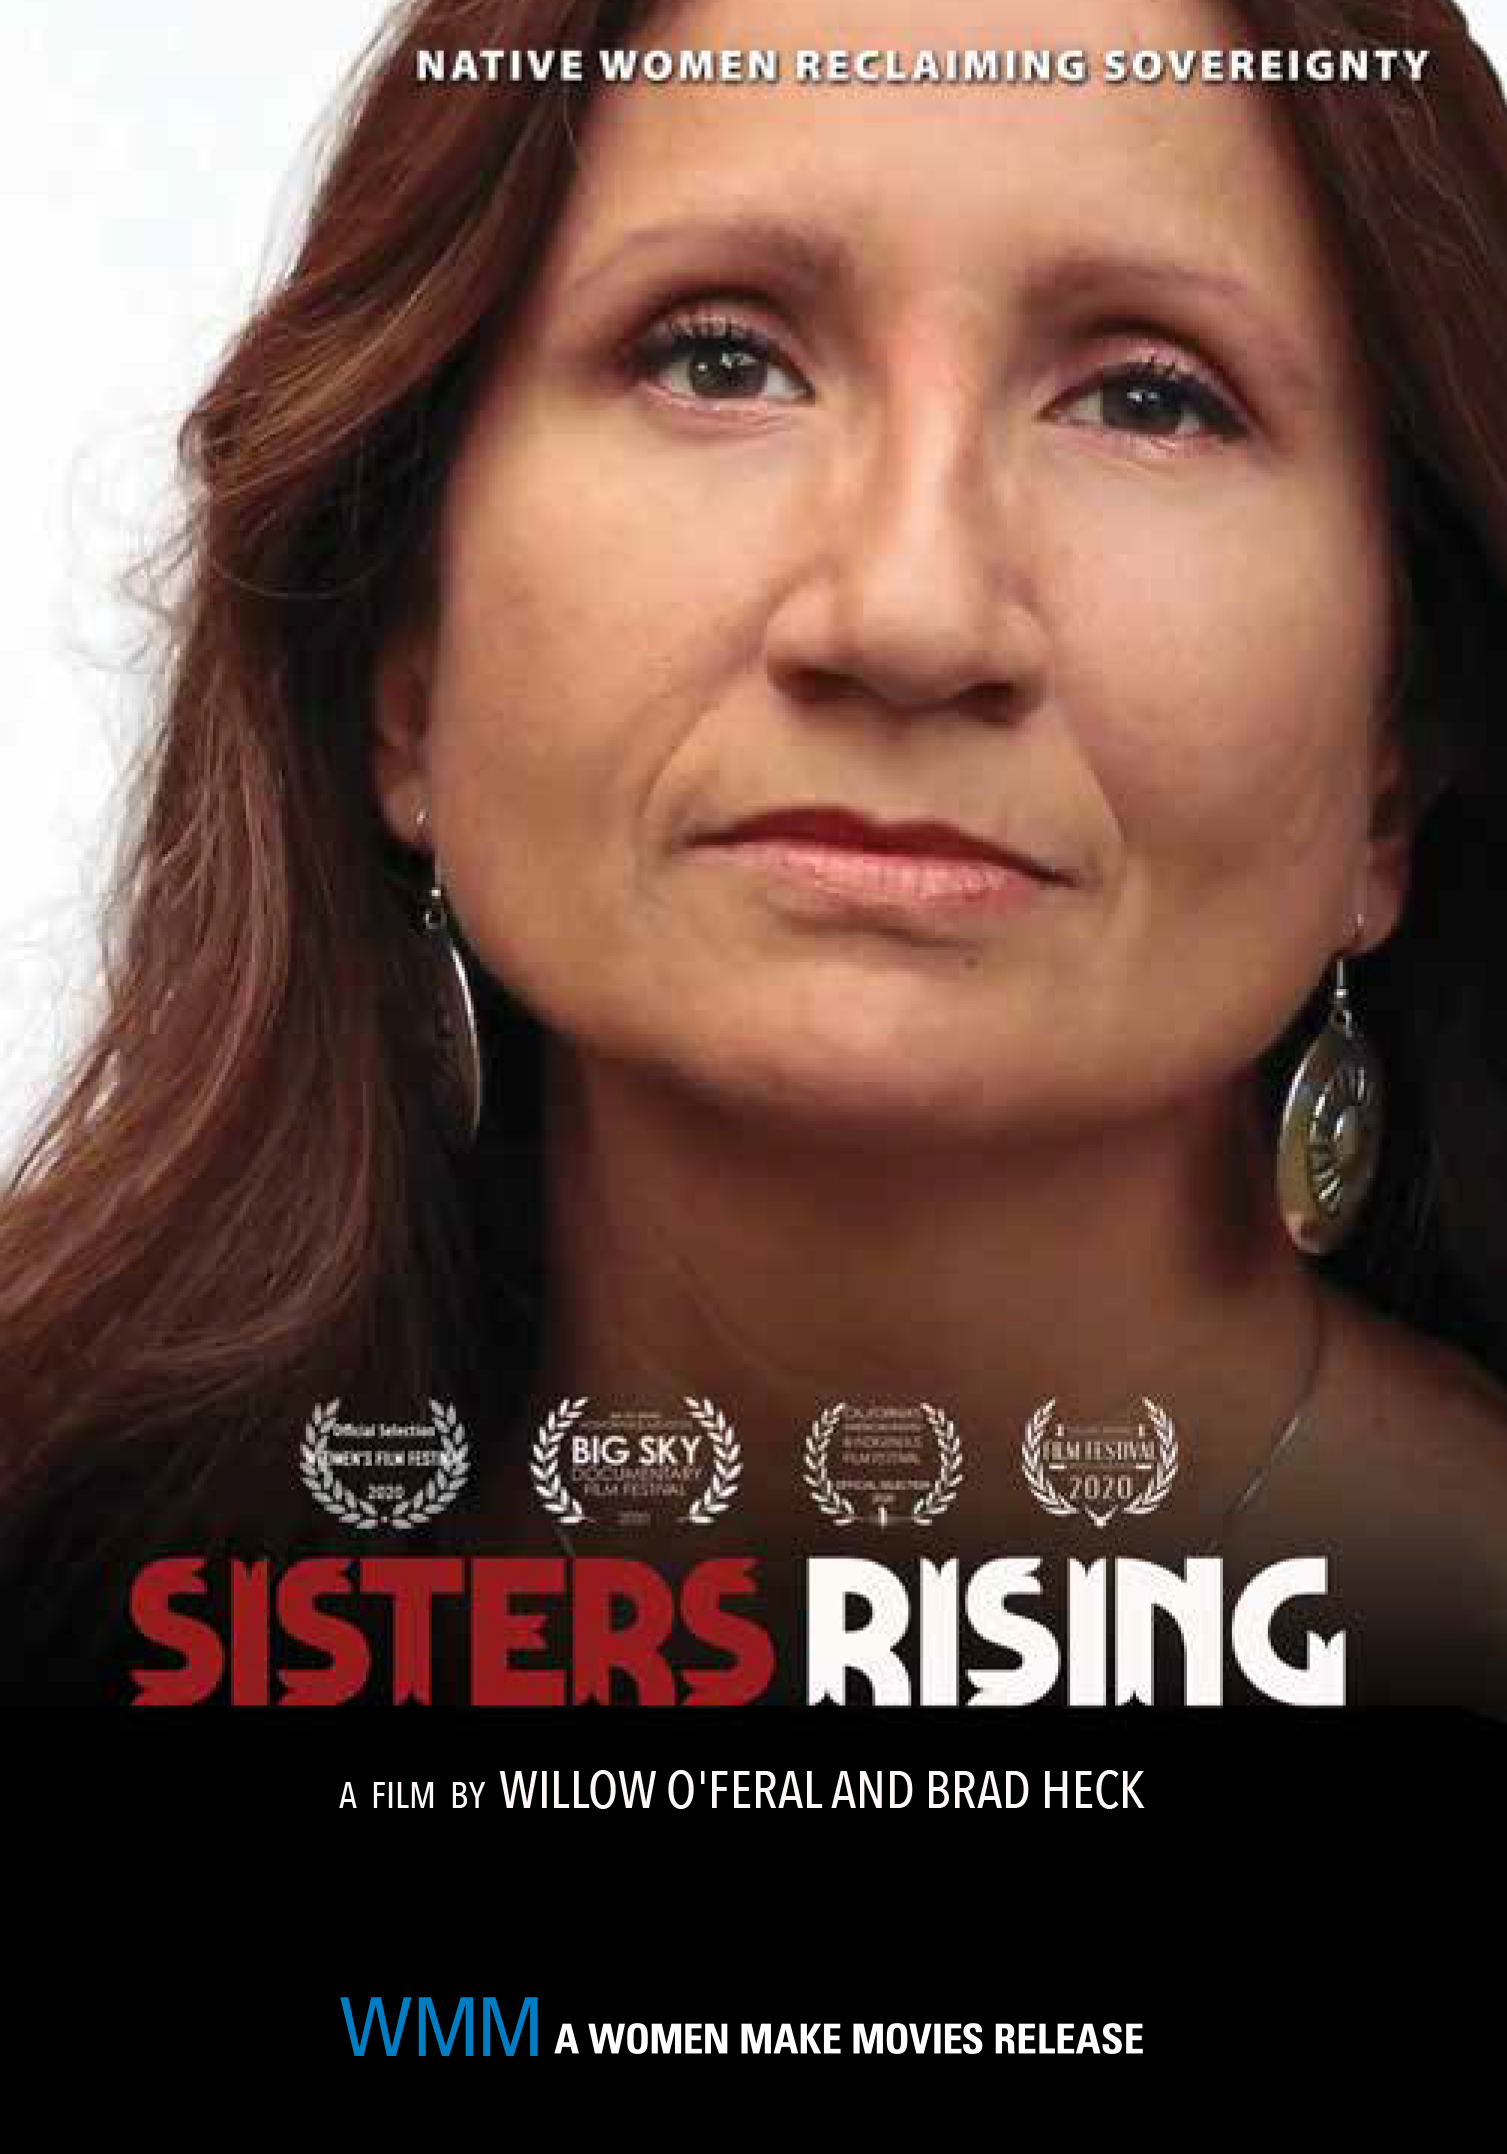 pi_Sisters Rising Amaray 4.2.20 OPT 1